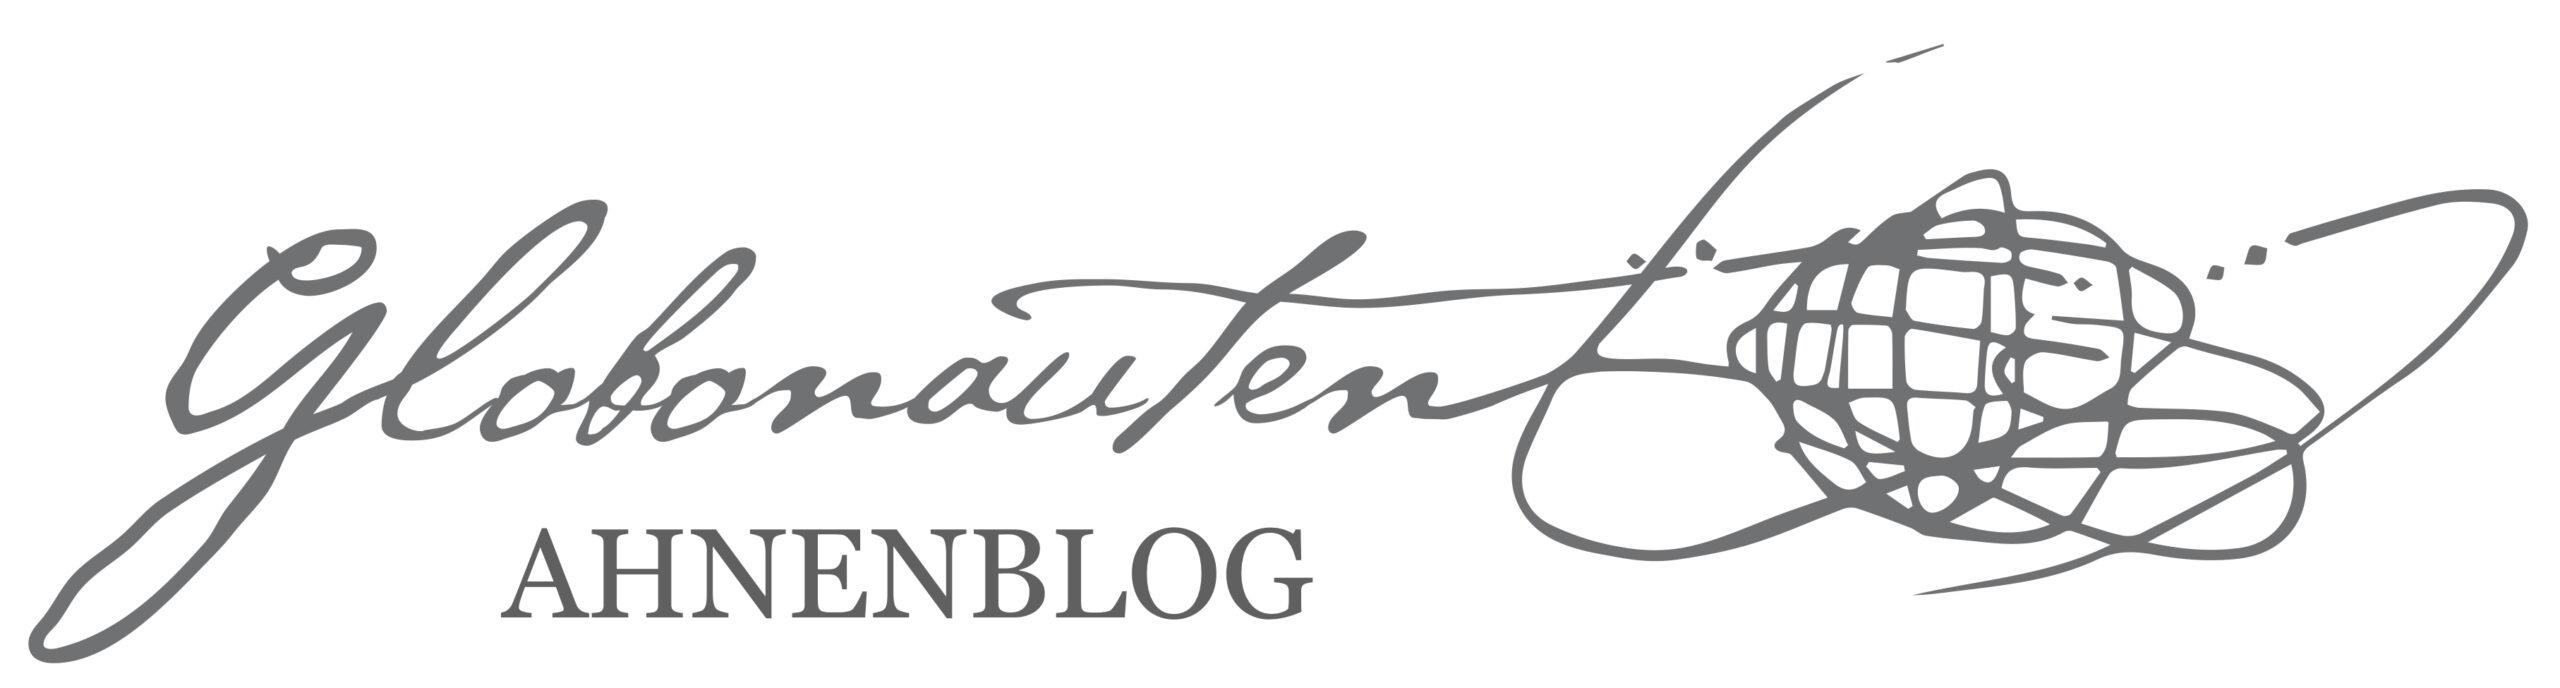 Ahnenblog